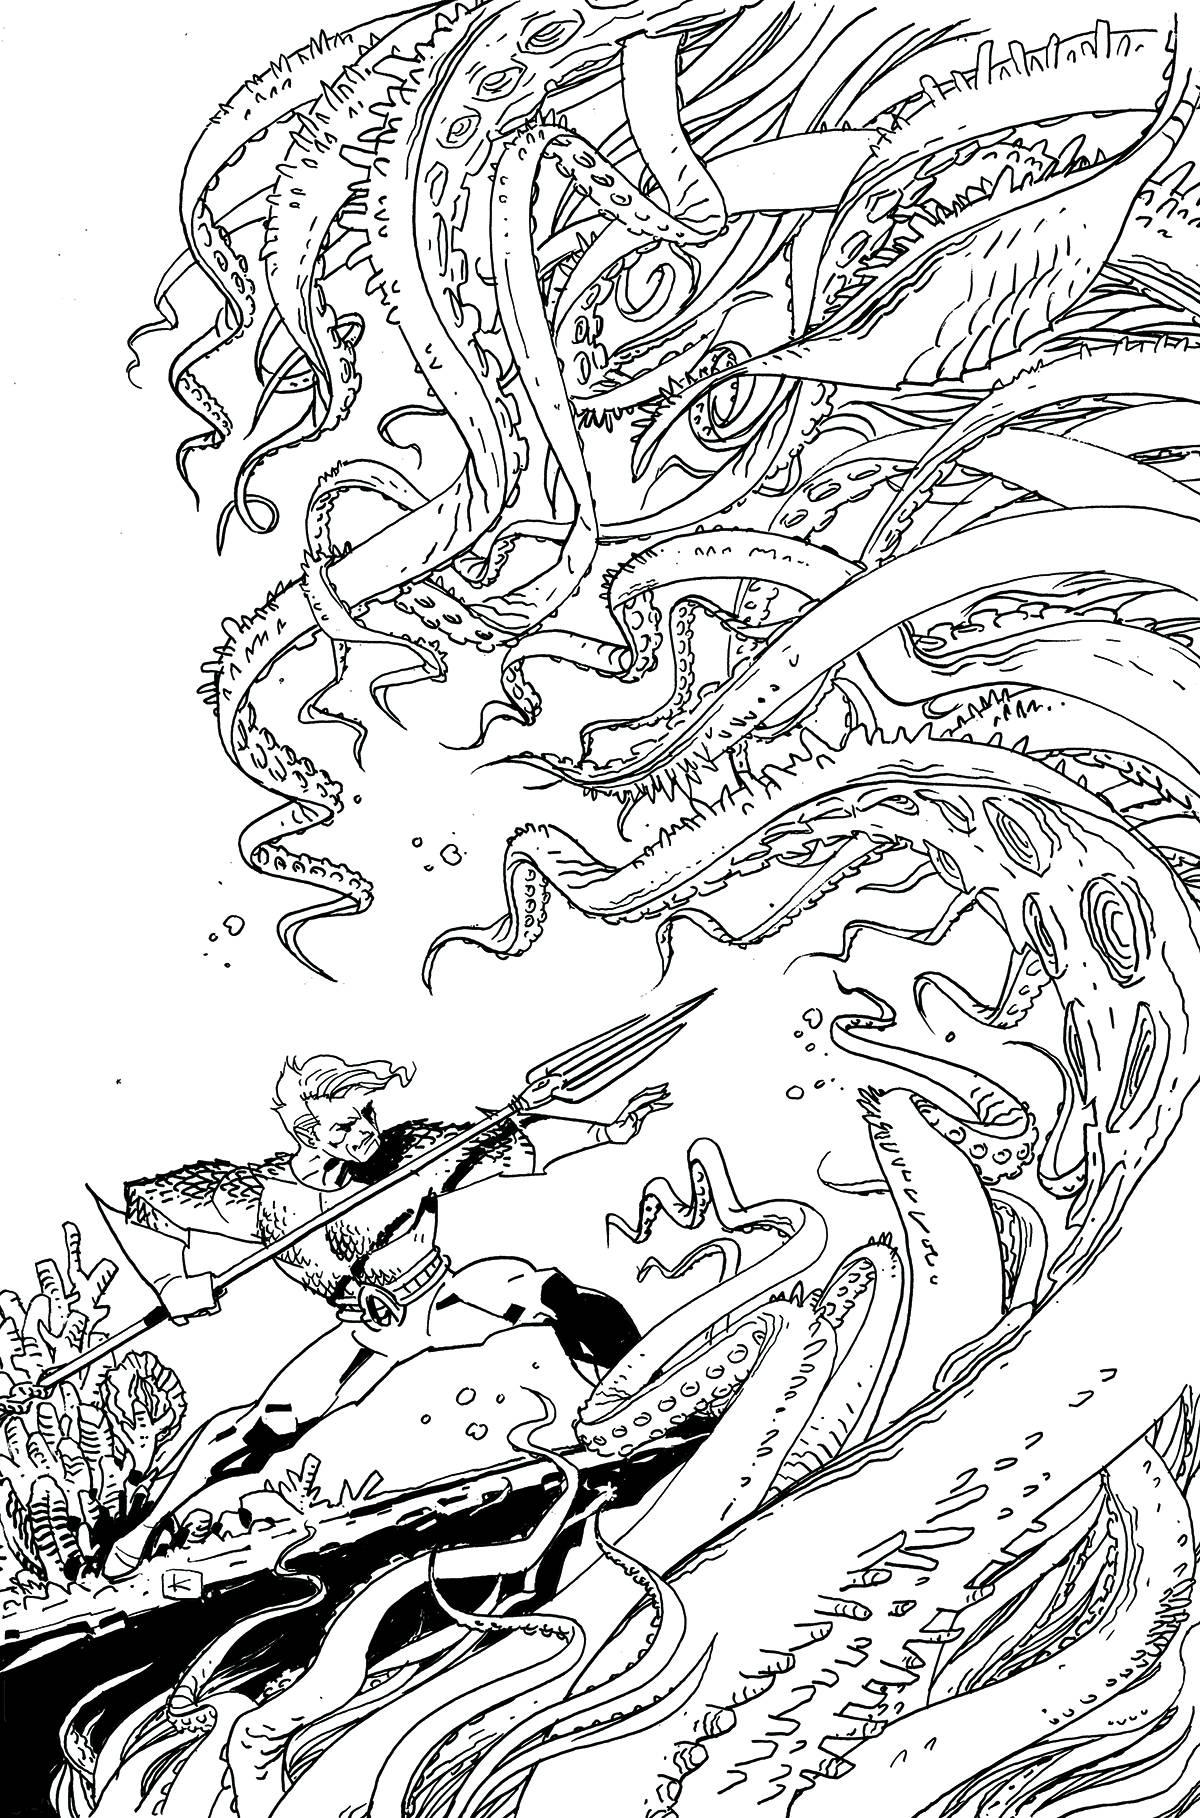 Andy Kuhn Fresh Comics